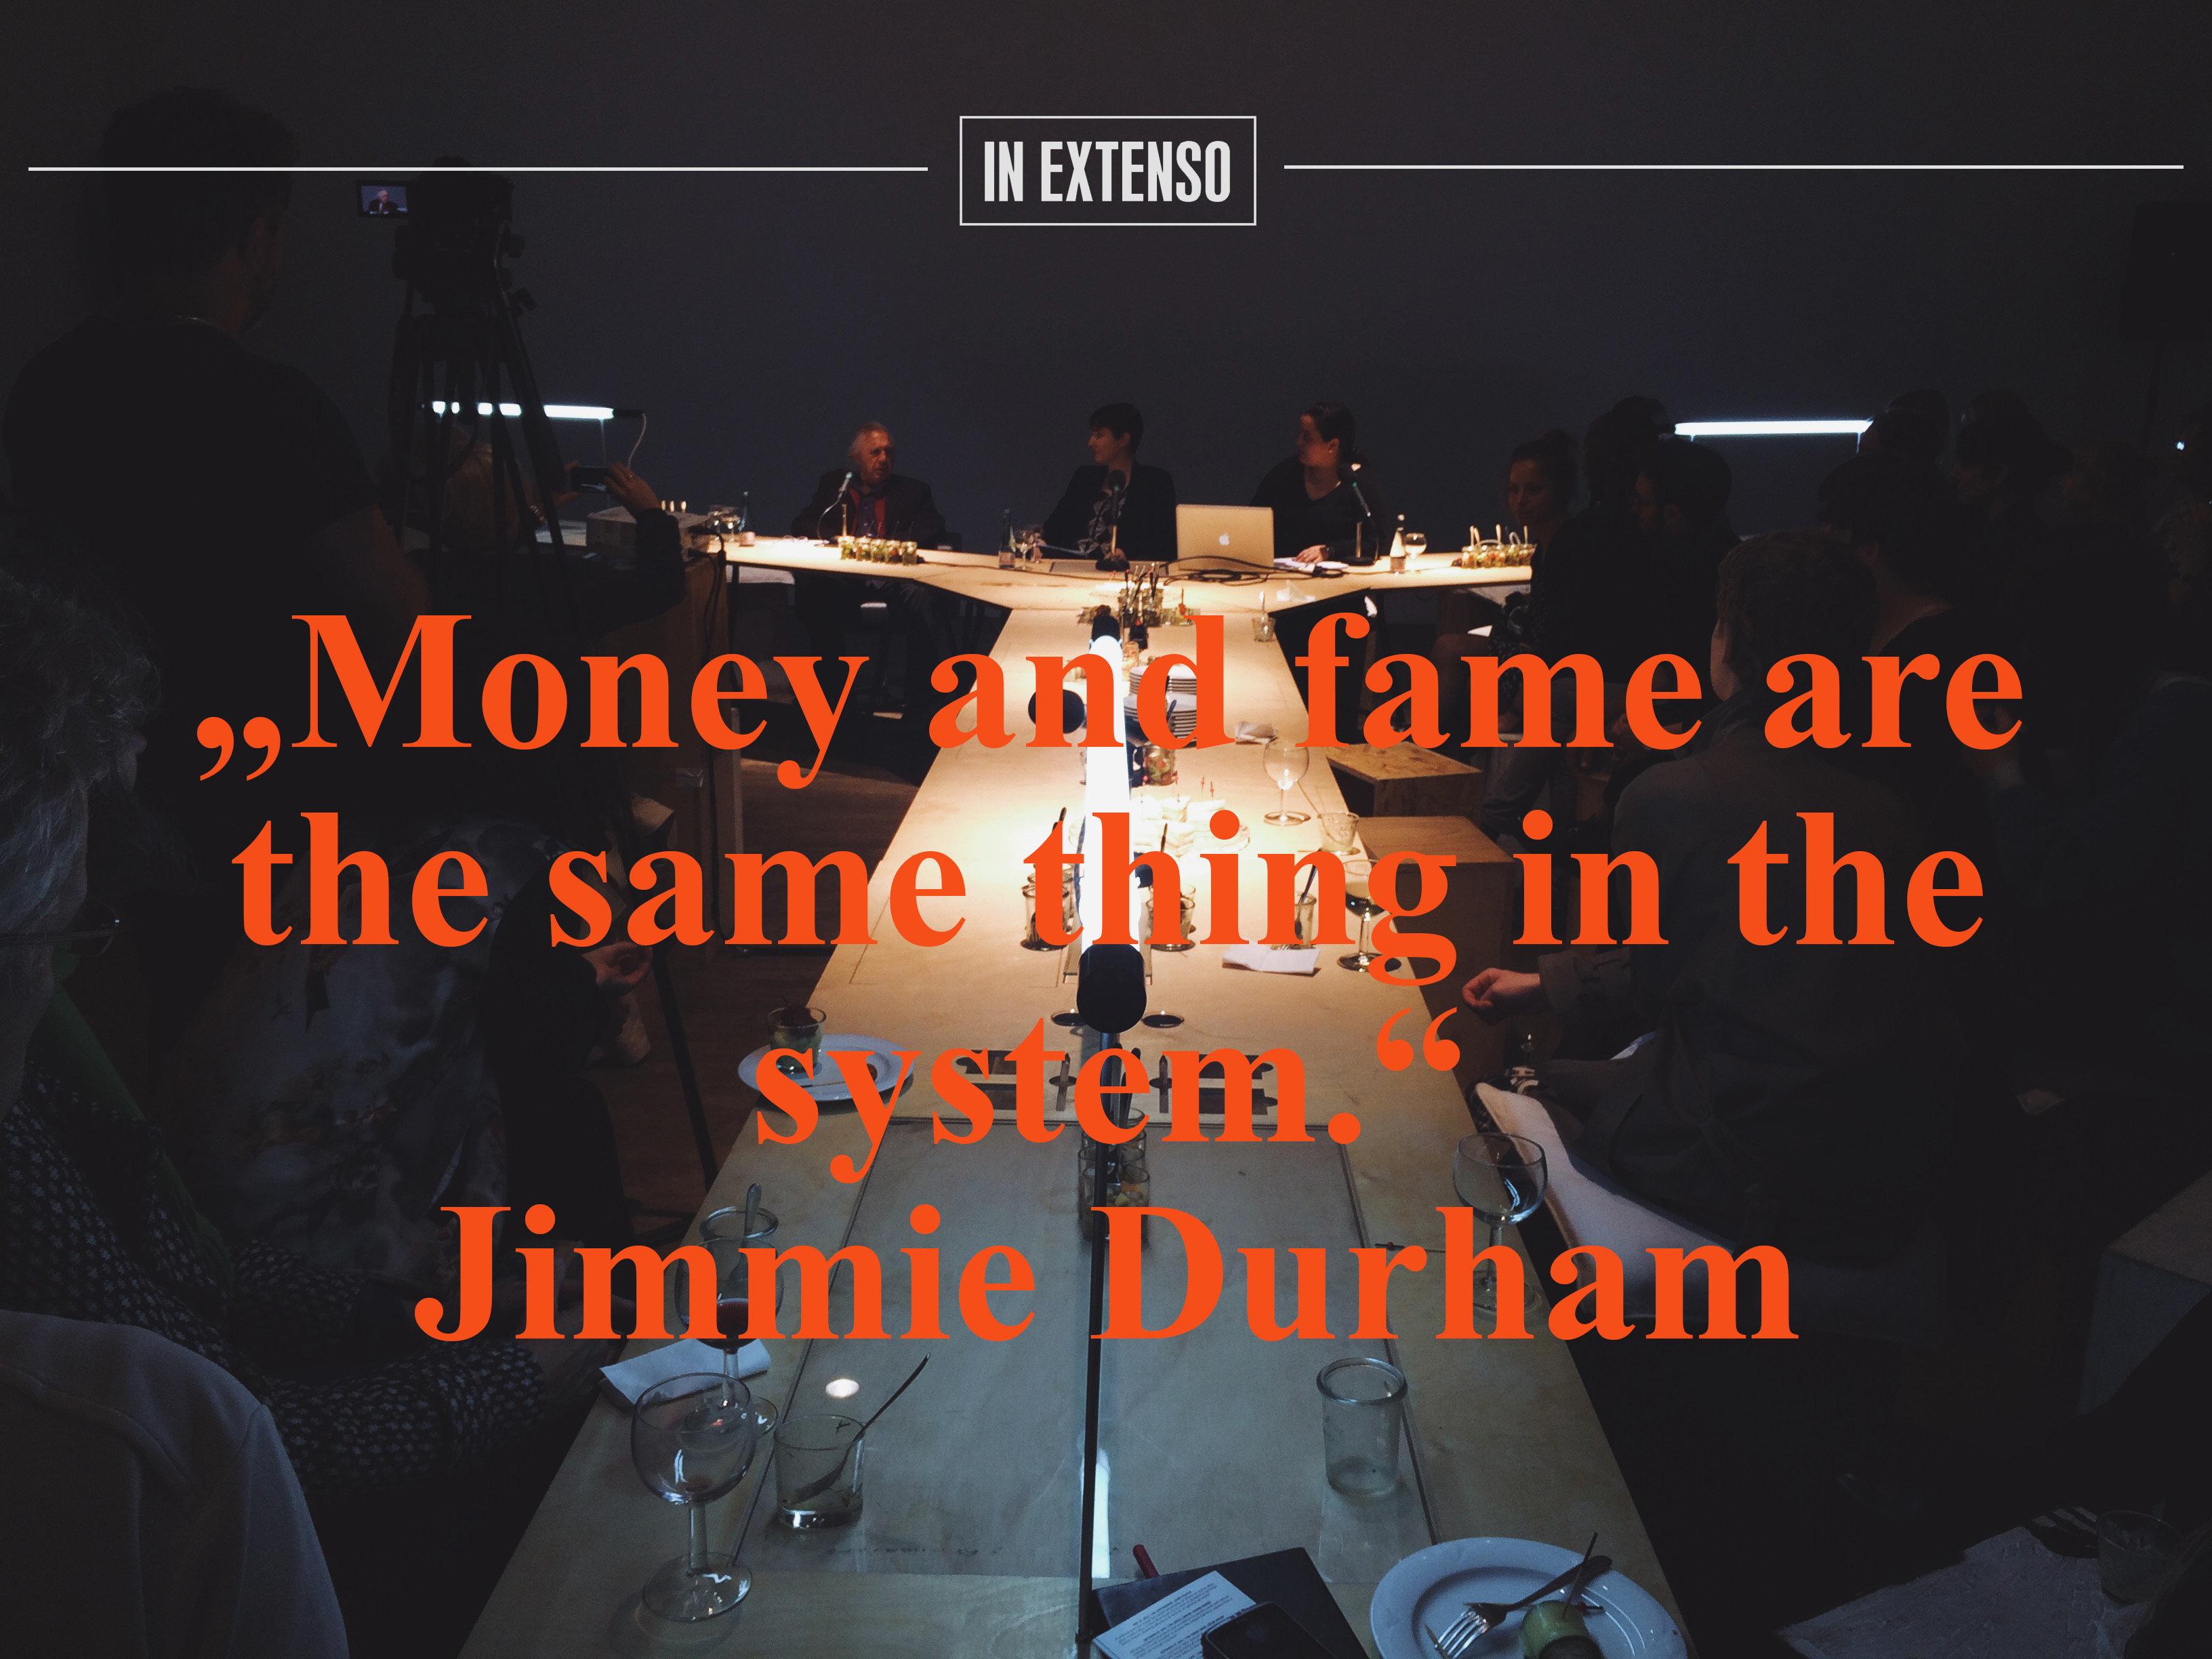 JimmieDurham_Statement_converted